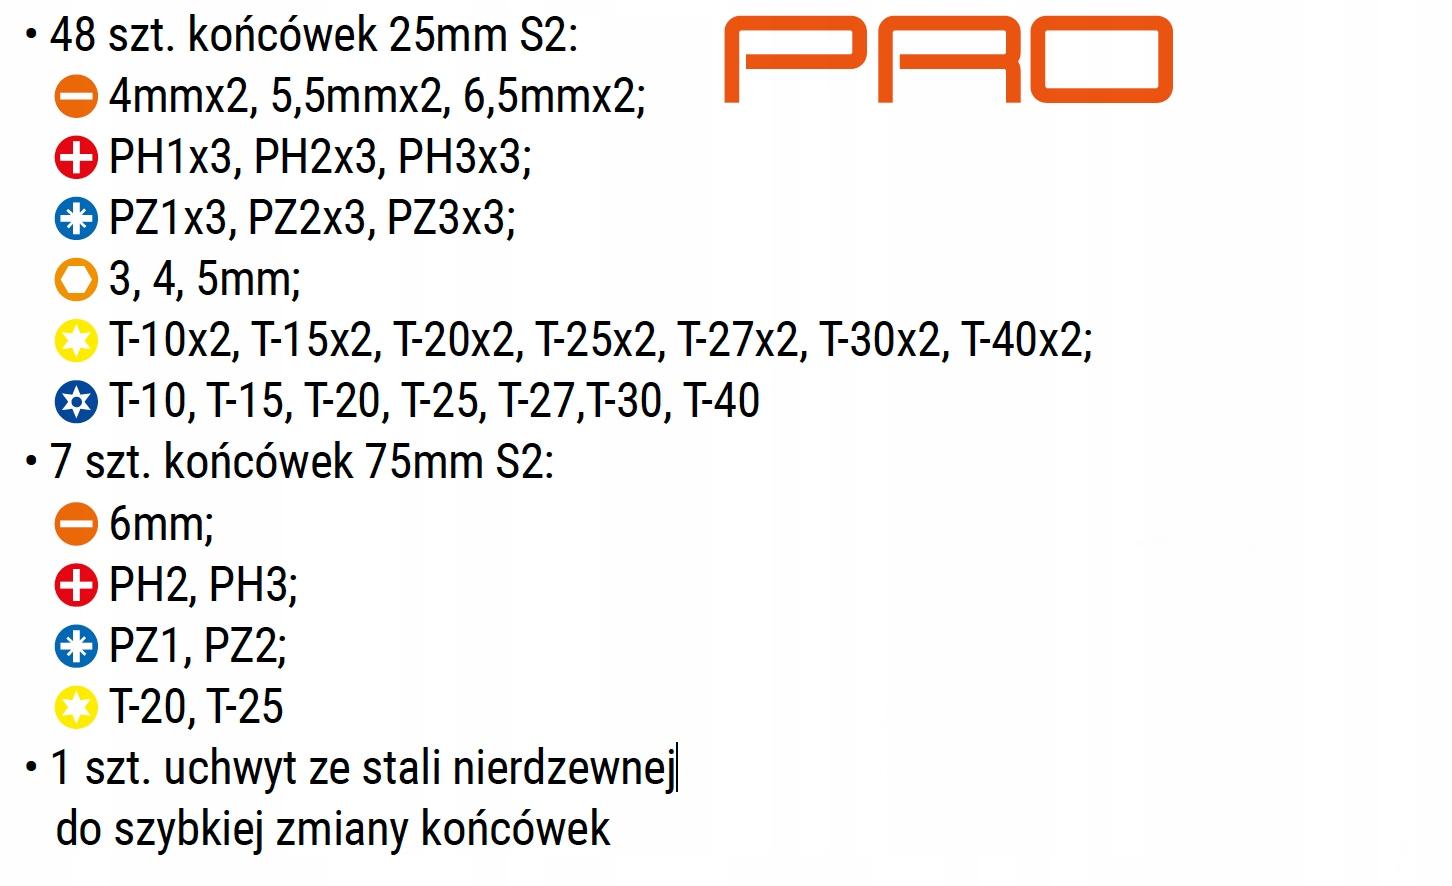 Bity końcówki S2 profesjonalne, zestaw 56 - TACTIX Typ grotu HEX płaski Philips Pozidriv Torx imbus sześciokątny zewnętrzny